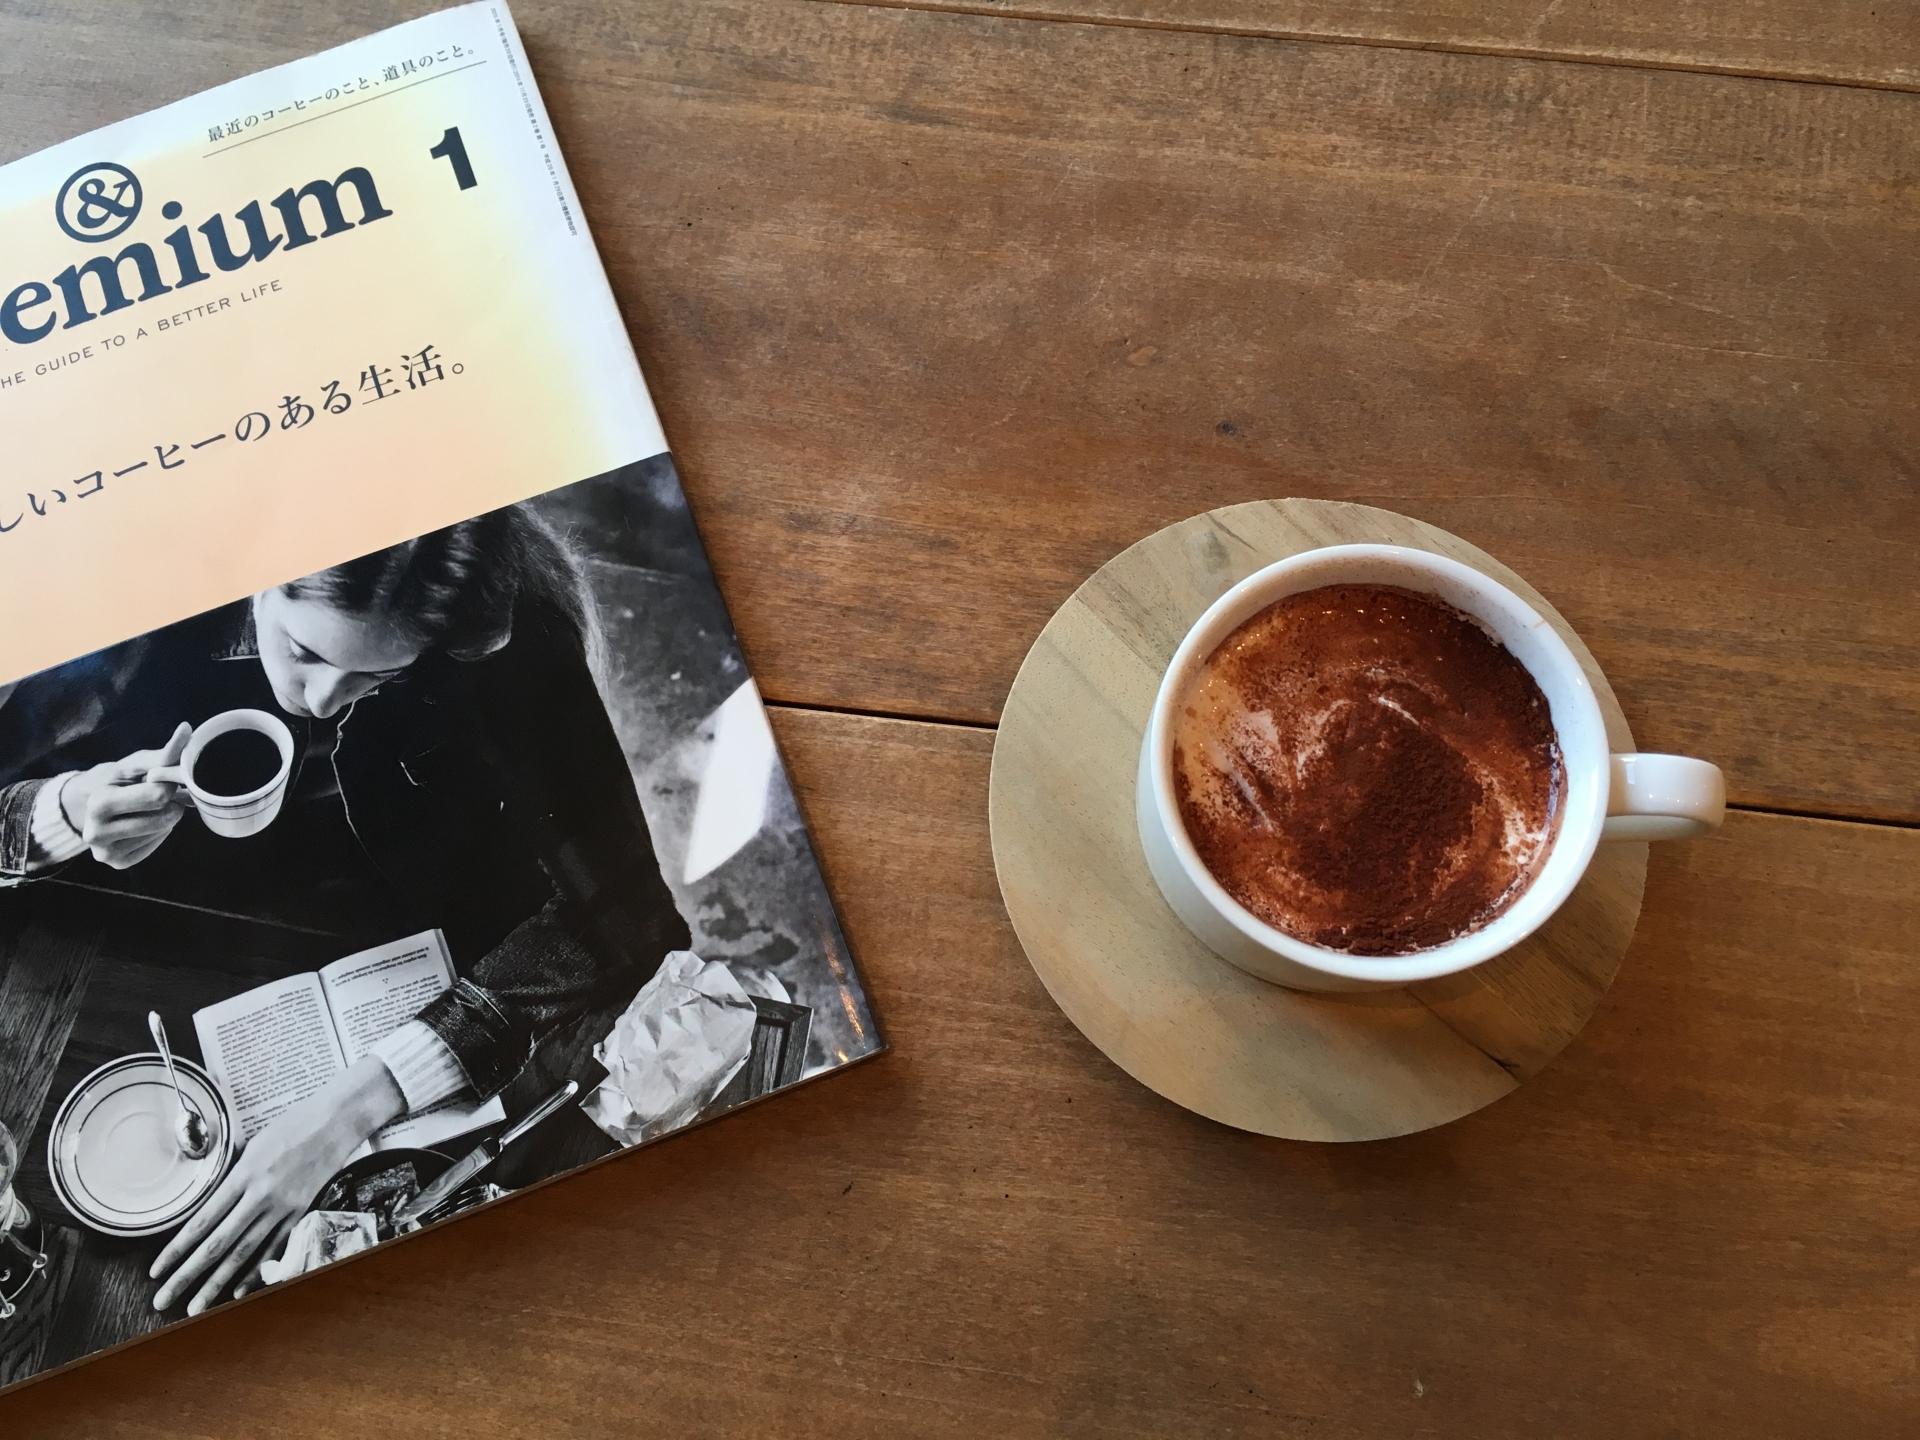 かもめブックスが神楽坂にオープン!カフェやギャラリーを併設した街の本屋さん